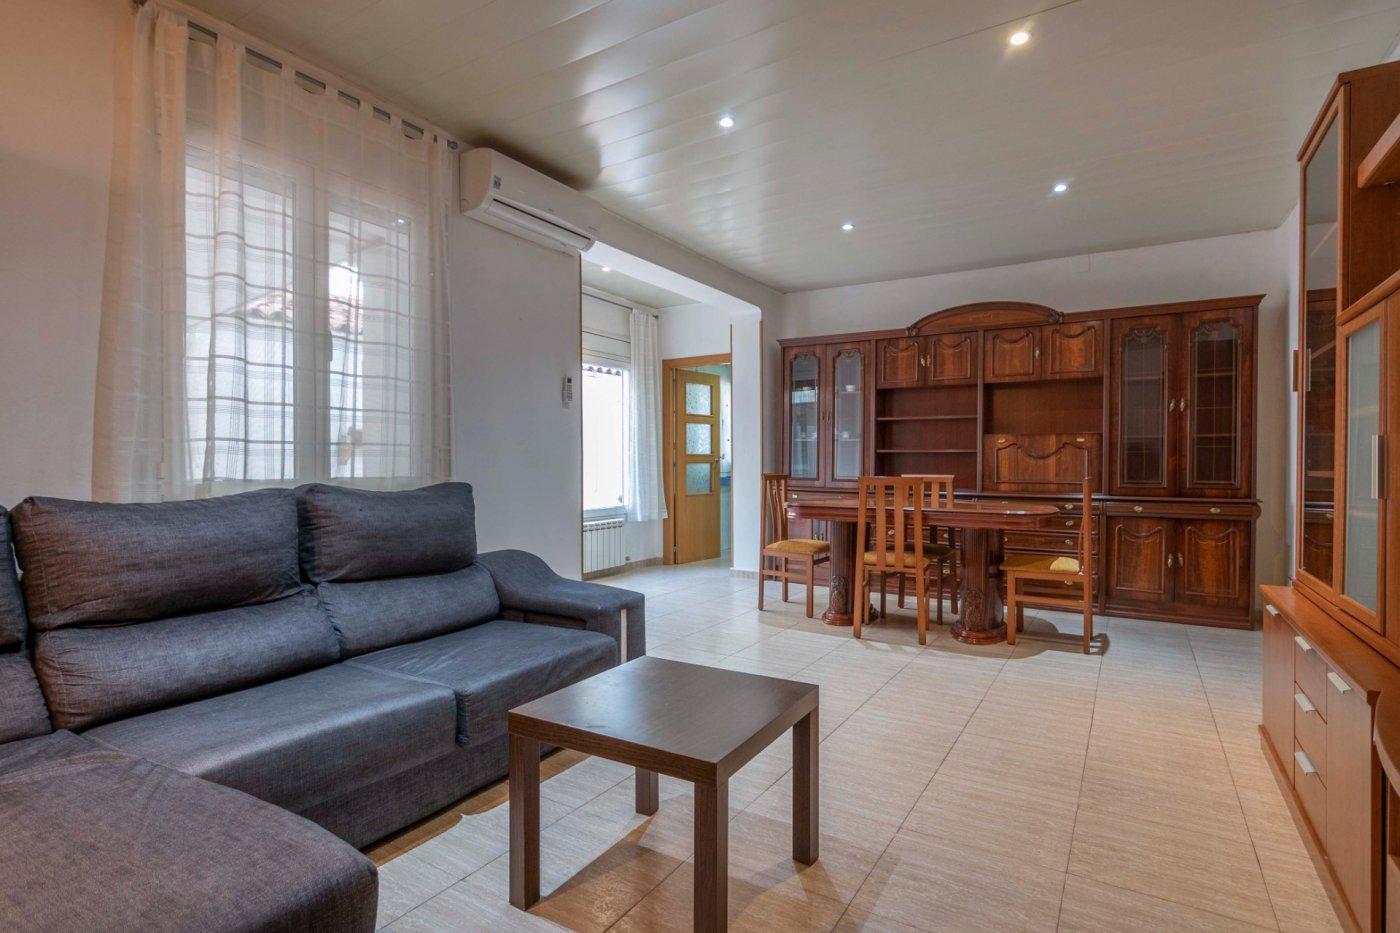 Un buen piso, una buena zona,  a tocar el Centro de Manresa